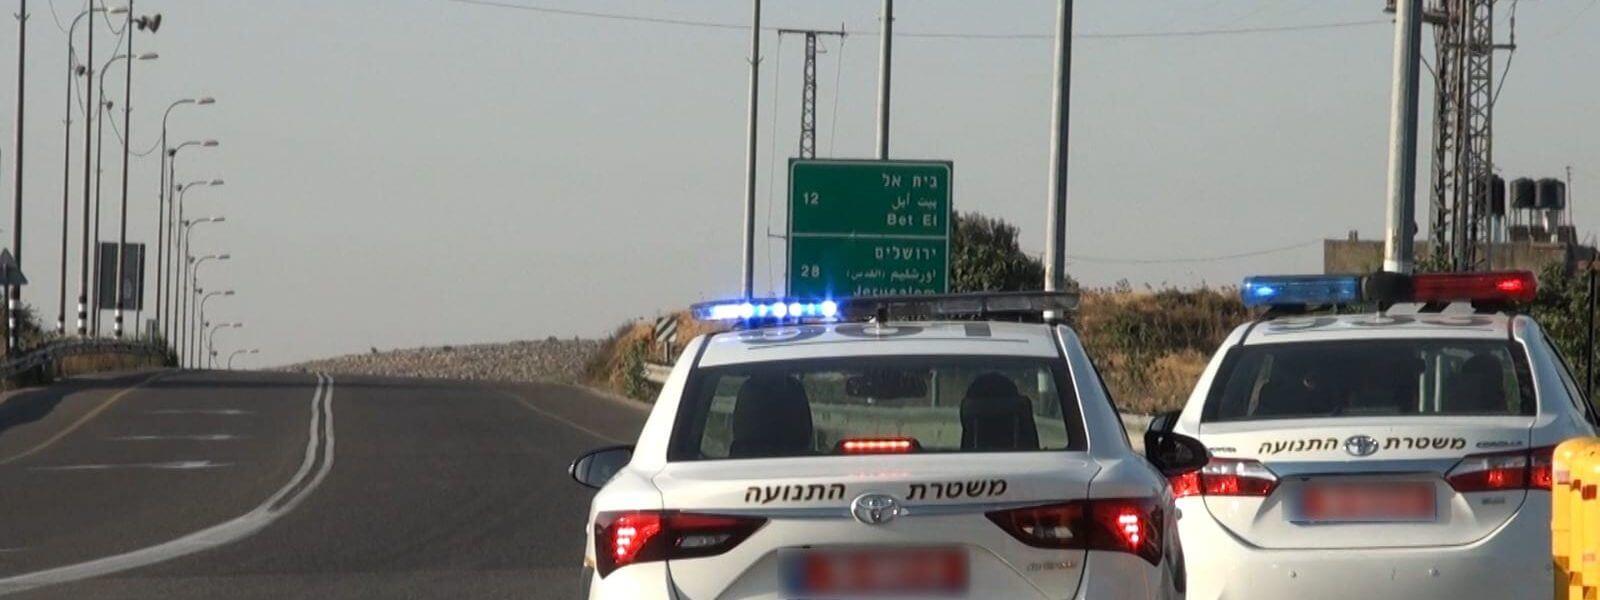 באדיבות דוברות משטרת ישראל